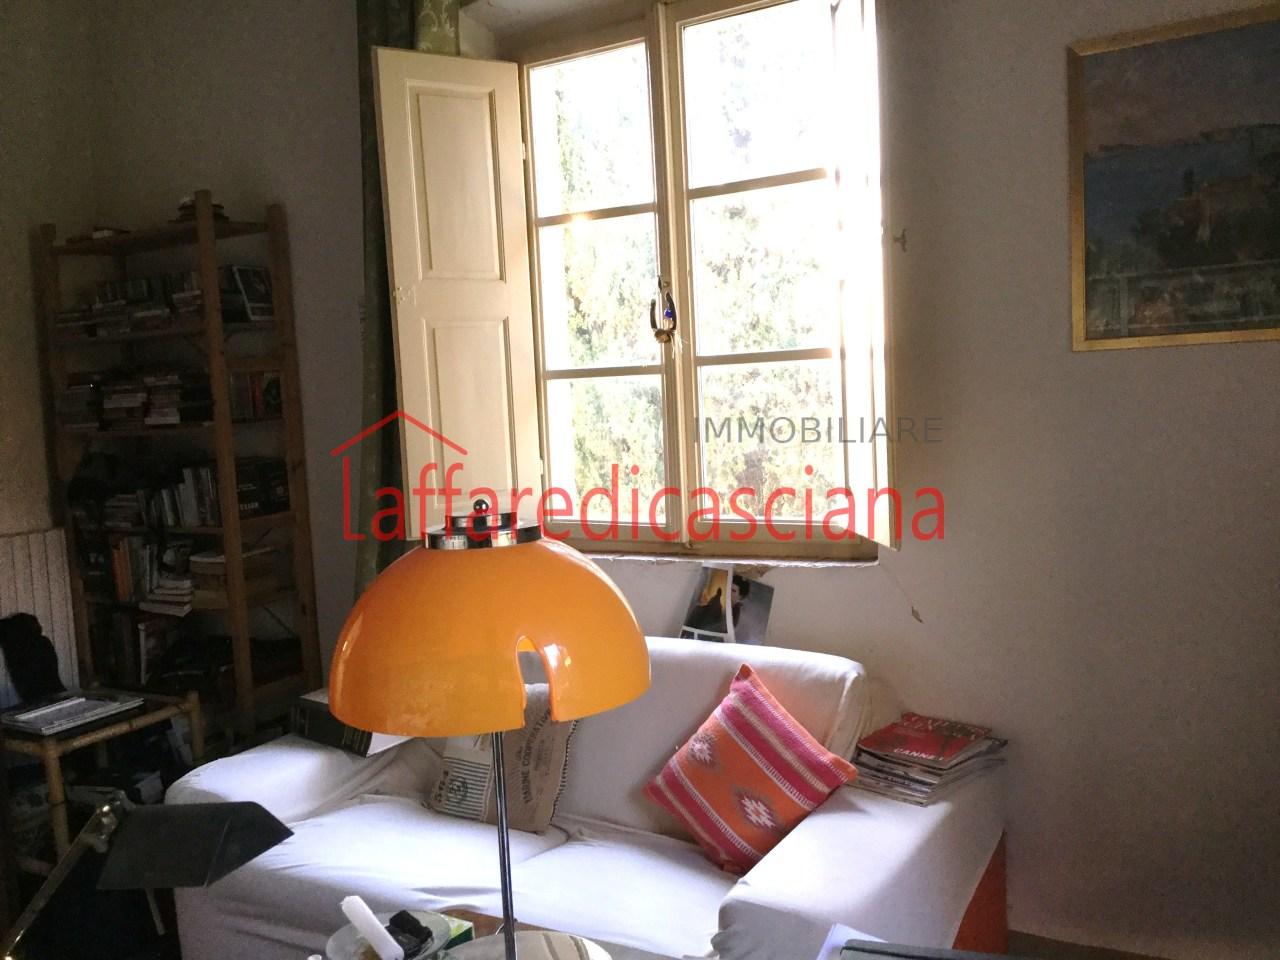 Appartamento in vendita a Casciana Terme Lari, 5 locali, prezzo € 350.000 | Cambio Casa.it